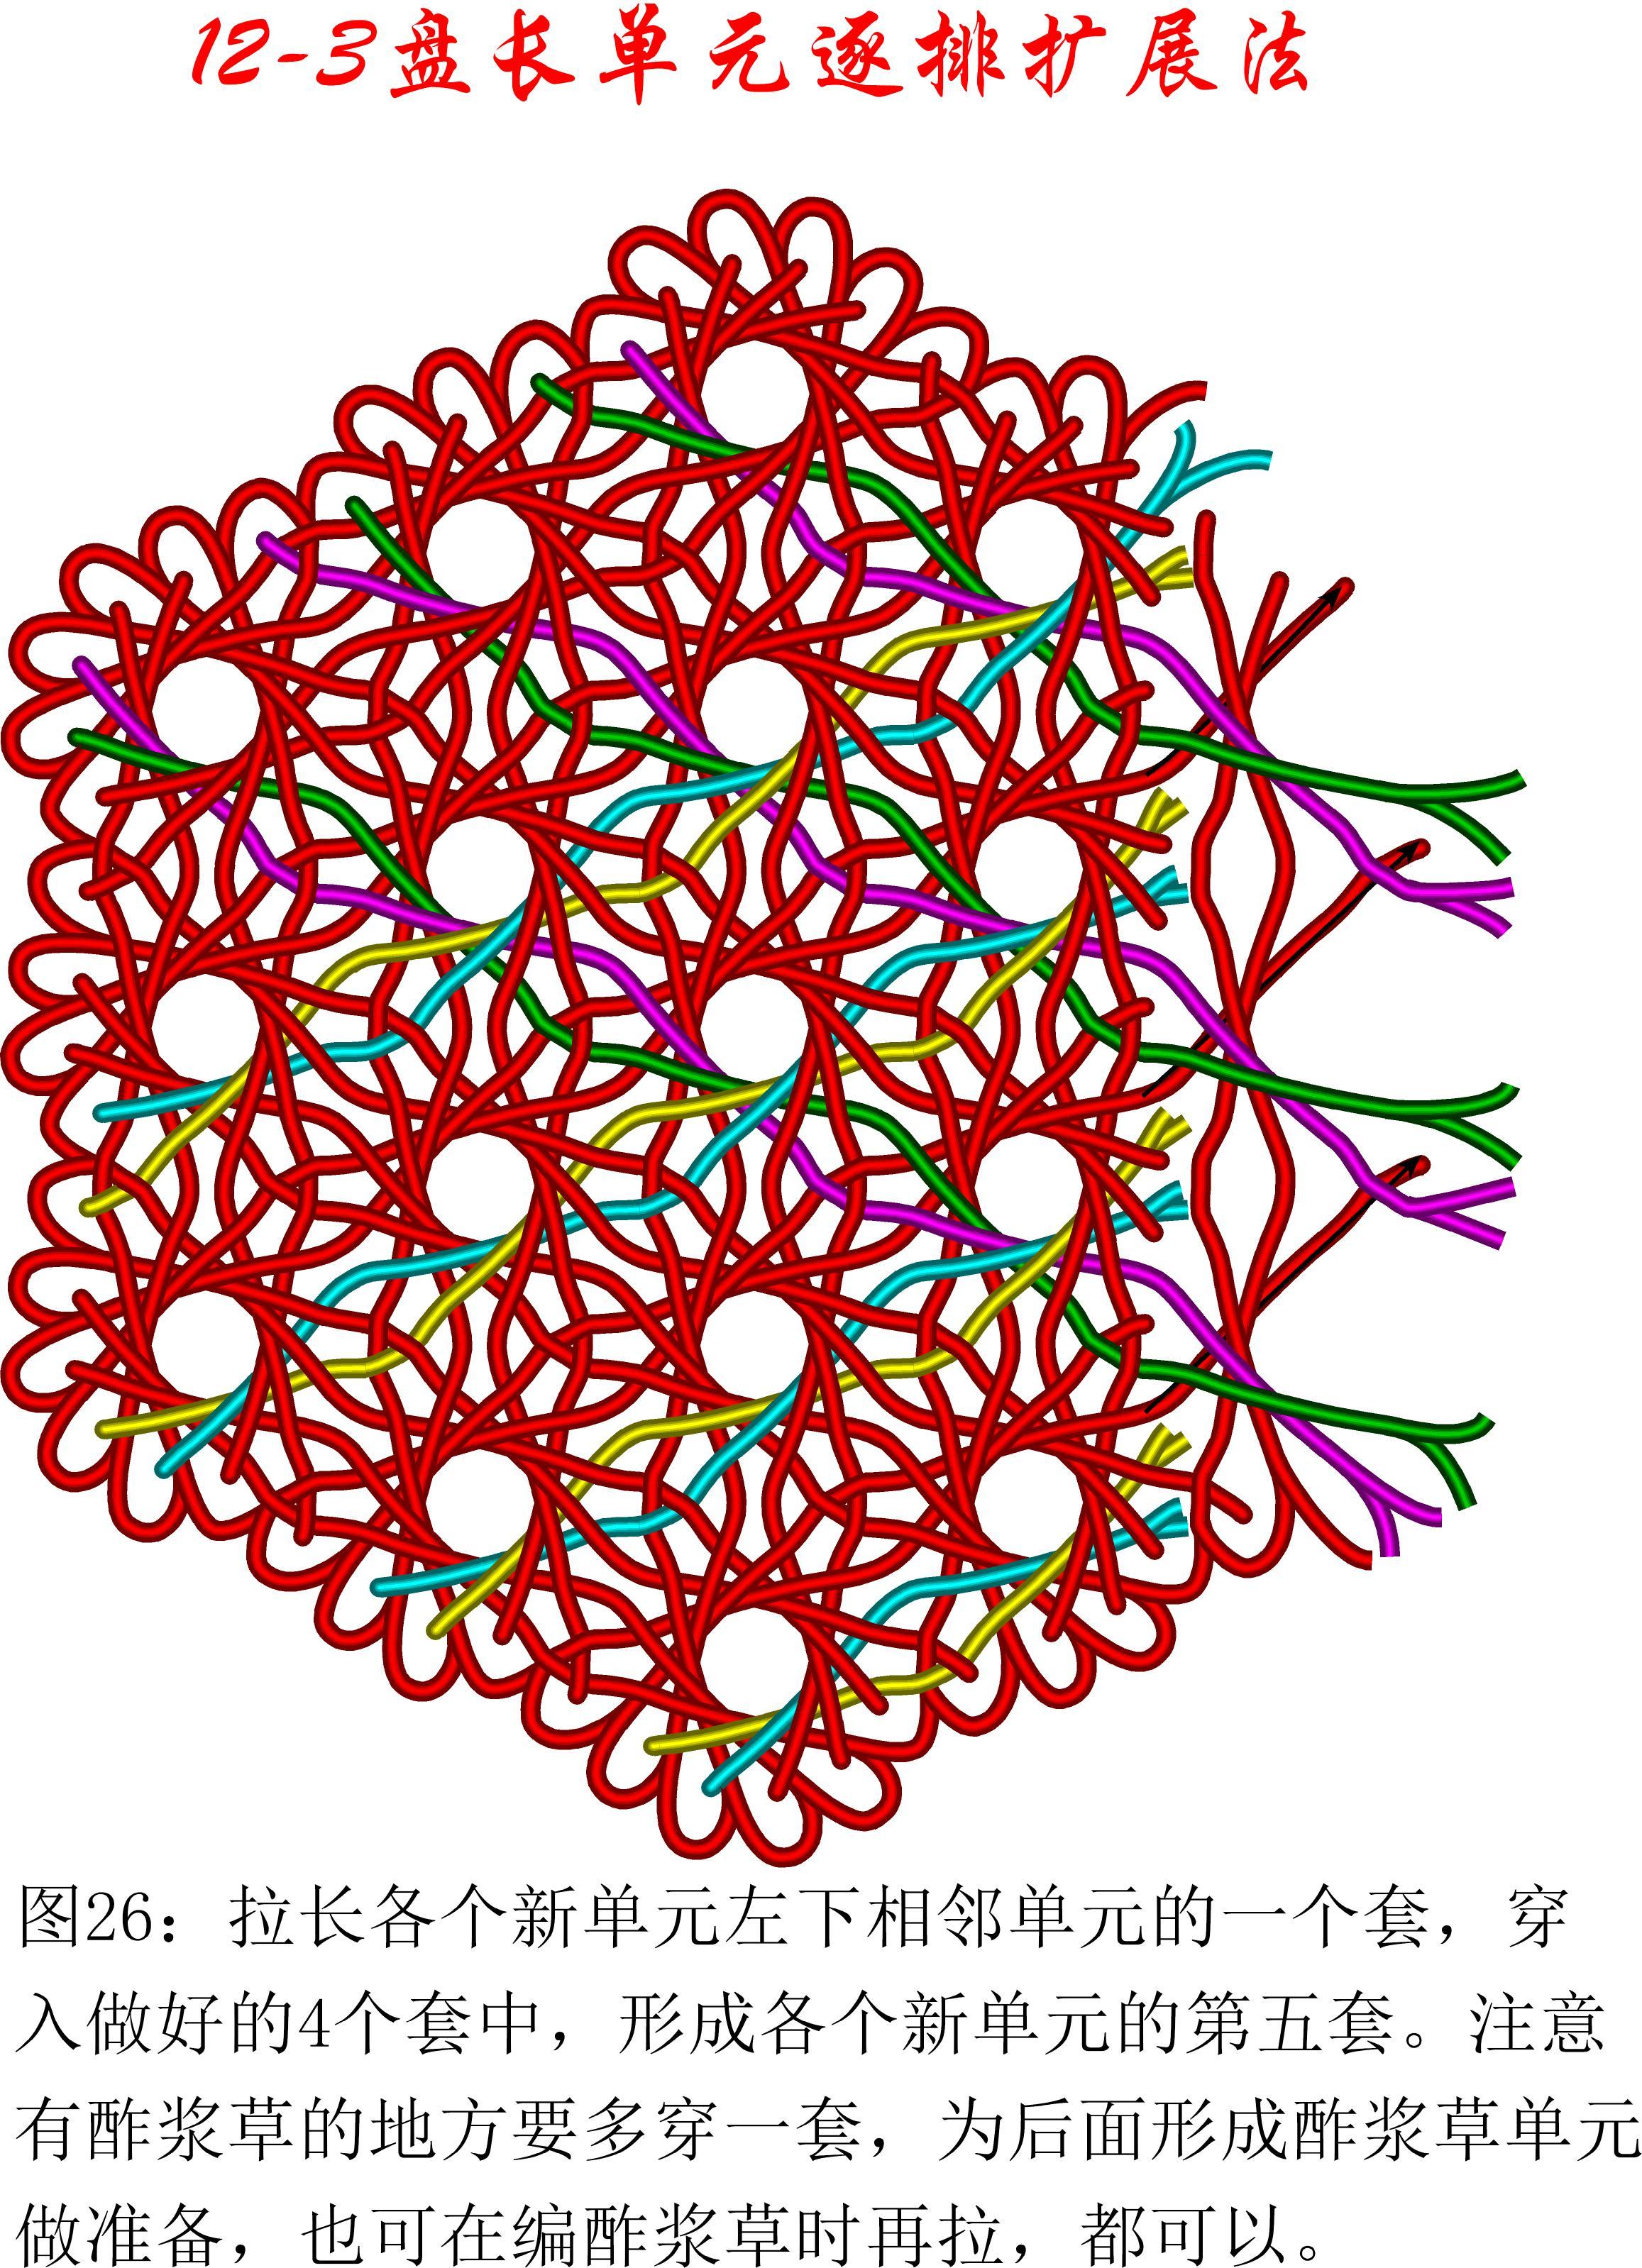 中国结论坛 12-3盘长逐排单元扩展法研究与实现 逐一法,通下逐邪法,逐水法,逐点比较法原理,逐点比较法例题 丑丑徒手编结 161612opq7z8j34r3glllk